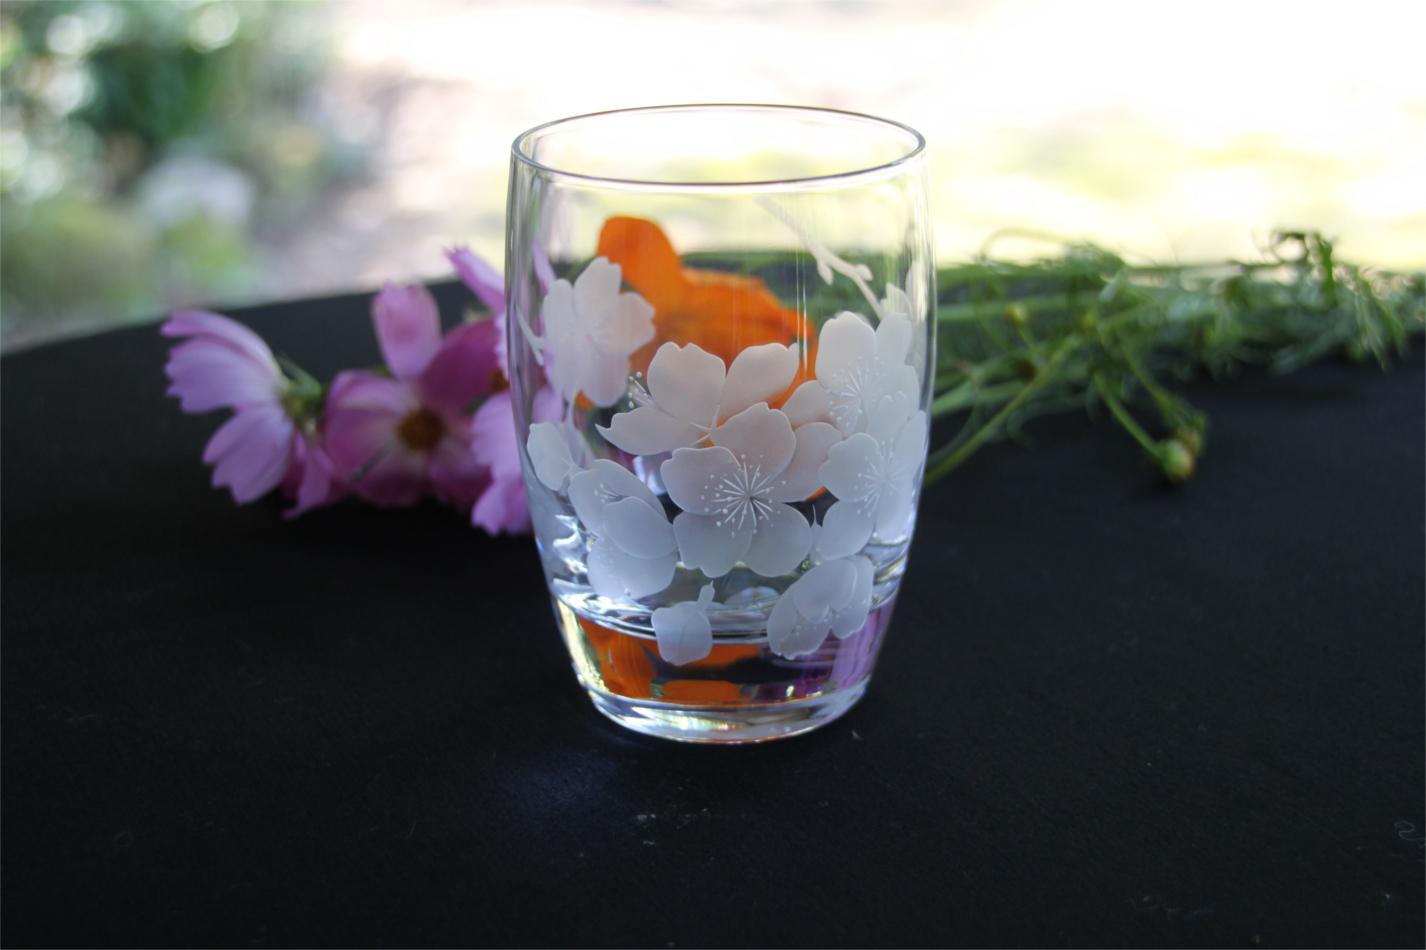 【ふるさと納税】B2-009R 桜乃夢(樽型オールドグラス)1個入り